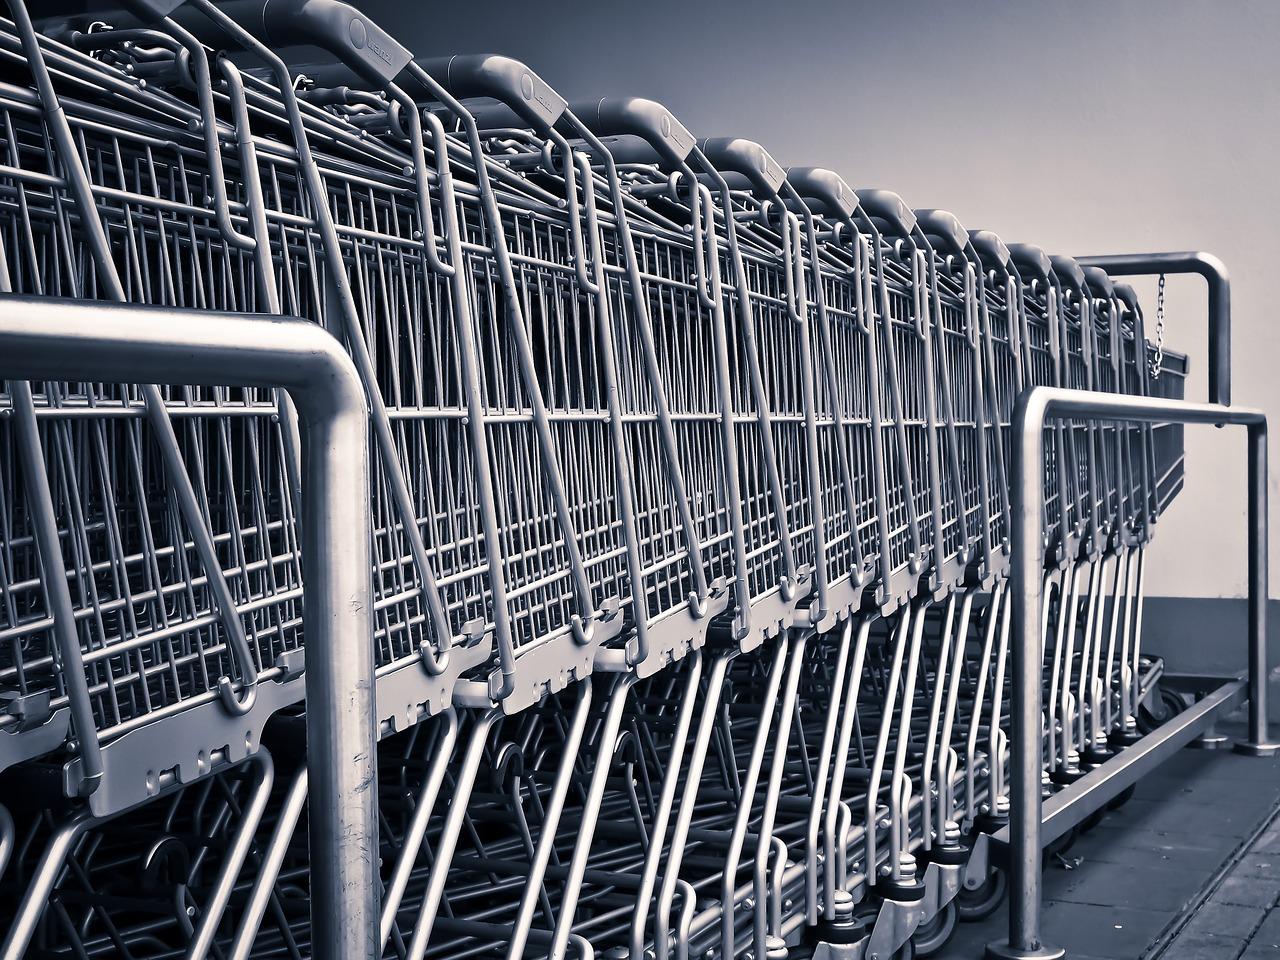 Carrefour a licencié près de 1300 employés de son réseau de proximité